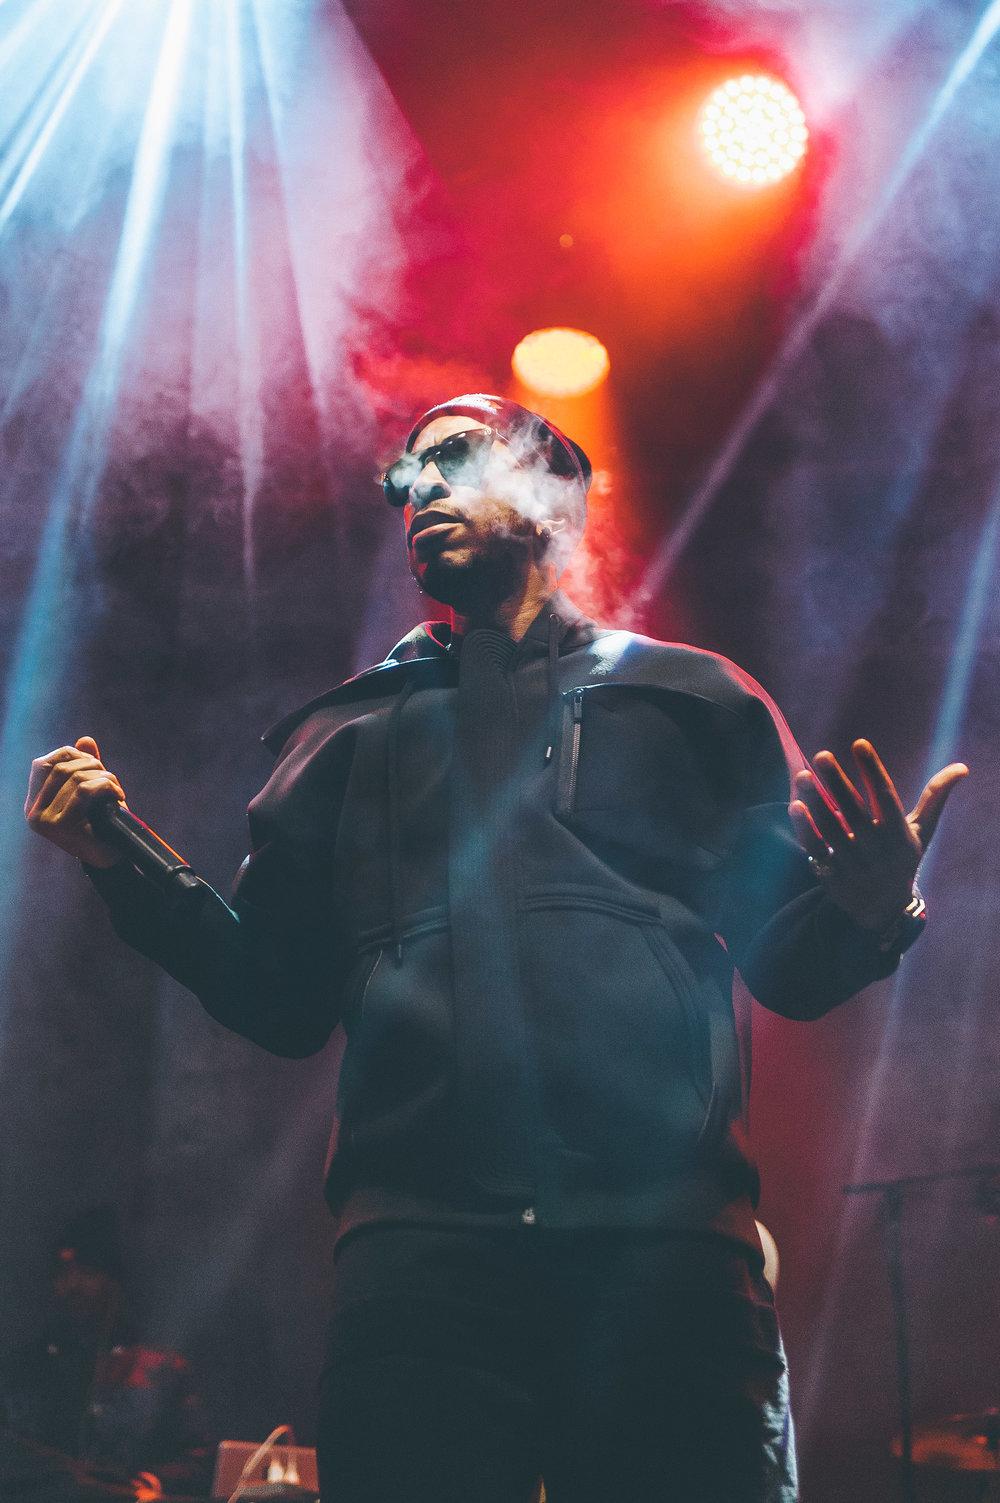 1_Ludacris-Snowbombing-Timothy_Nguyen-20170409 (9 of 20).jpg